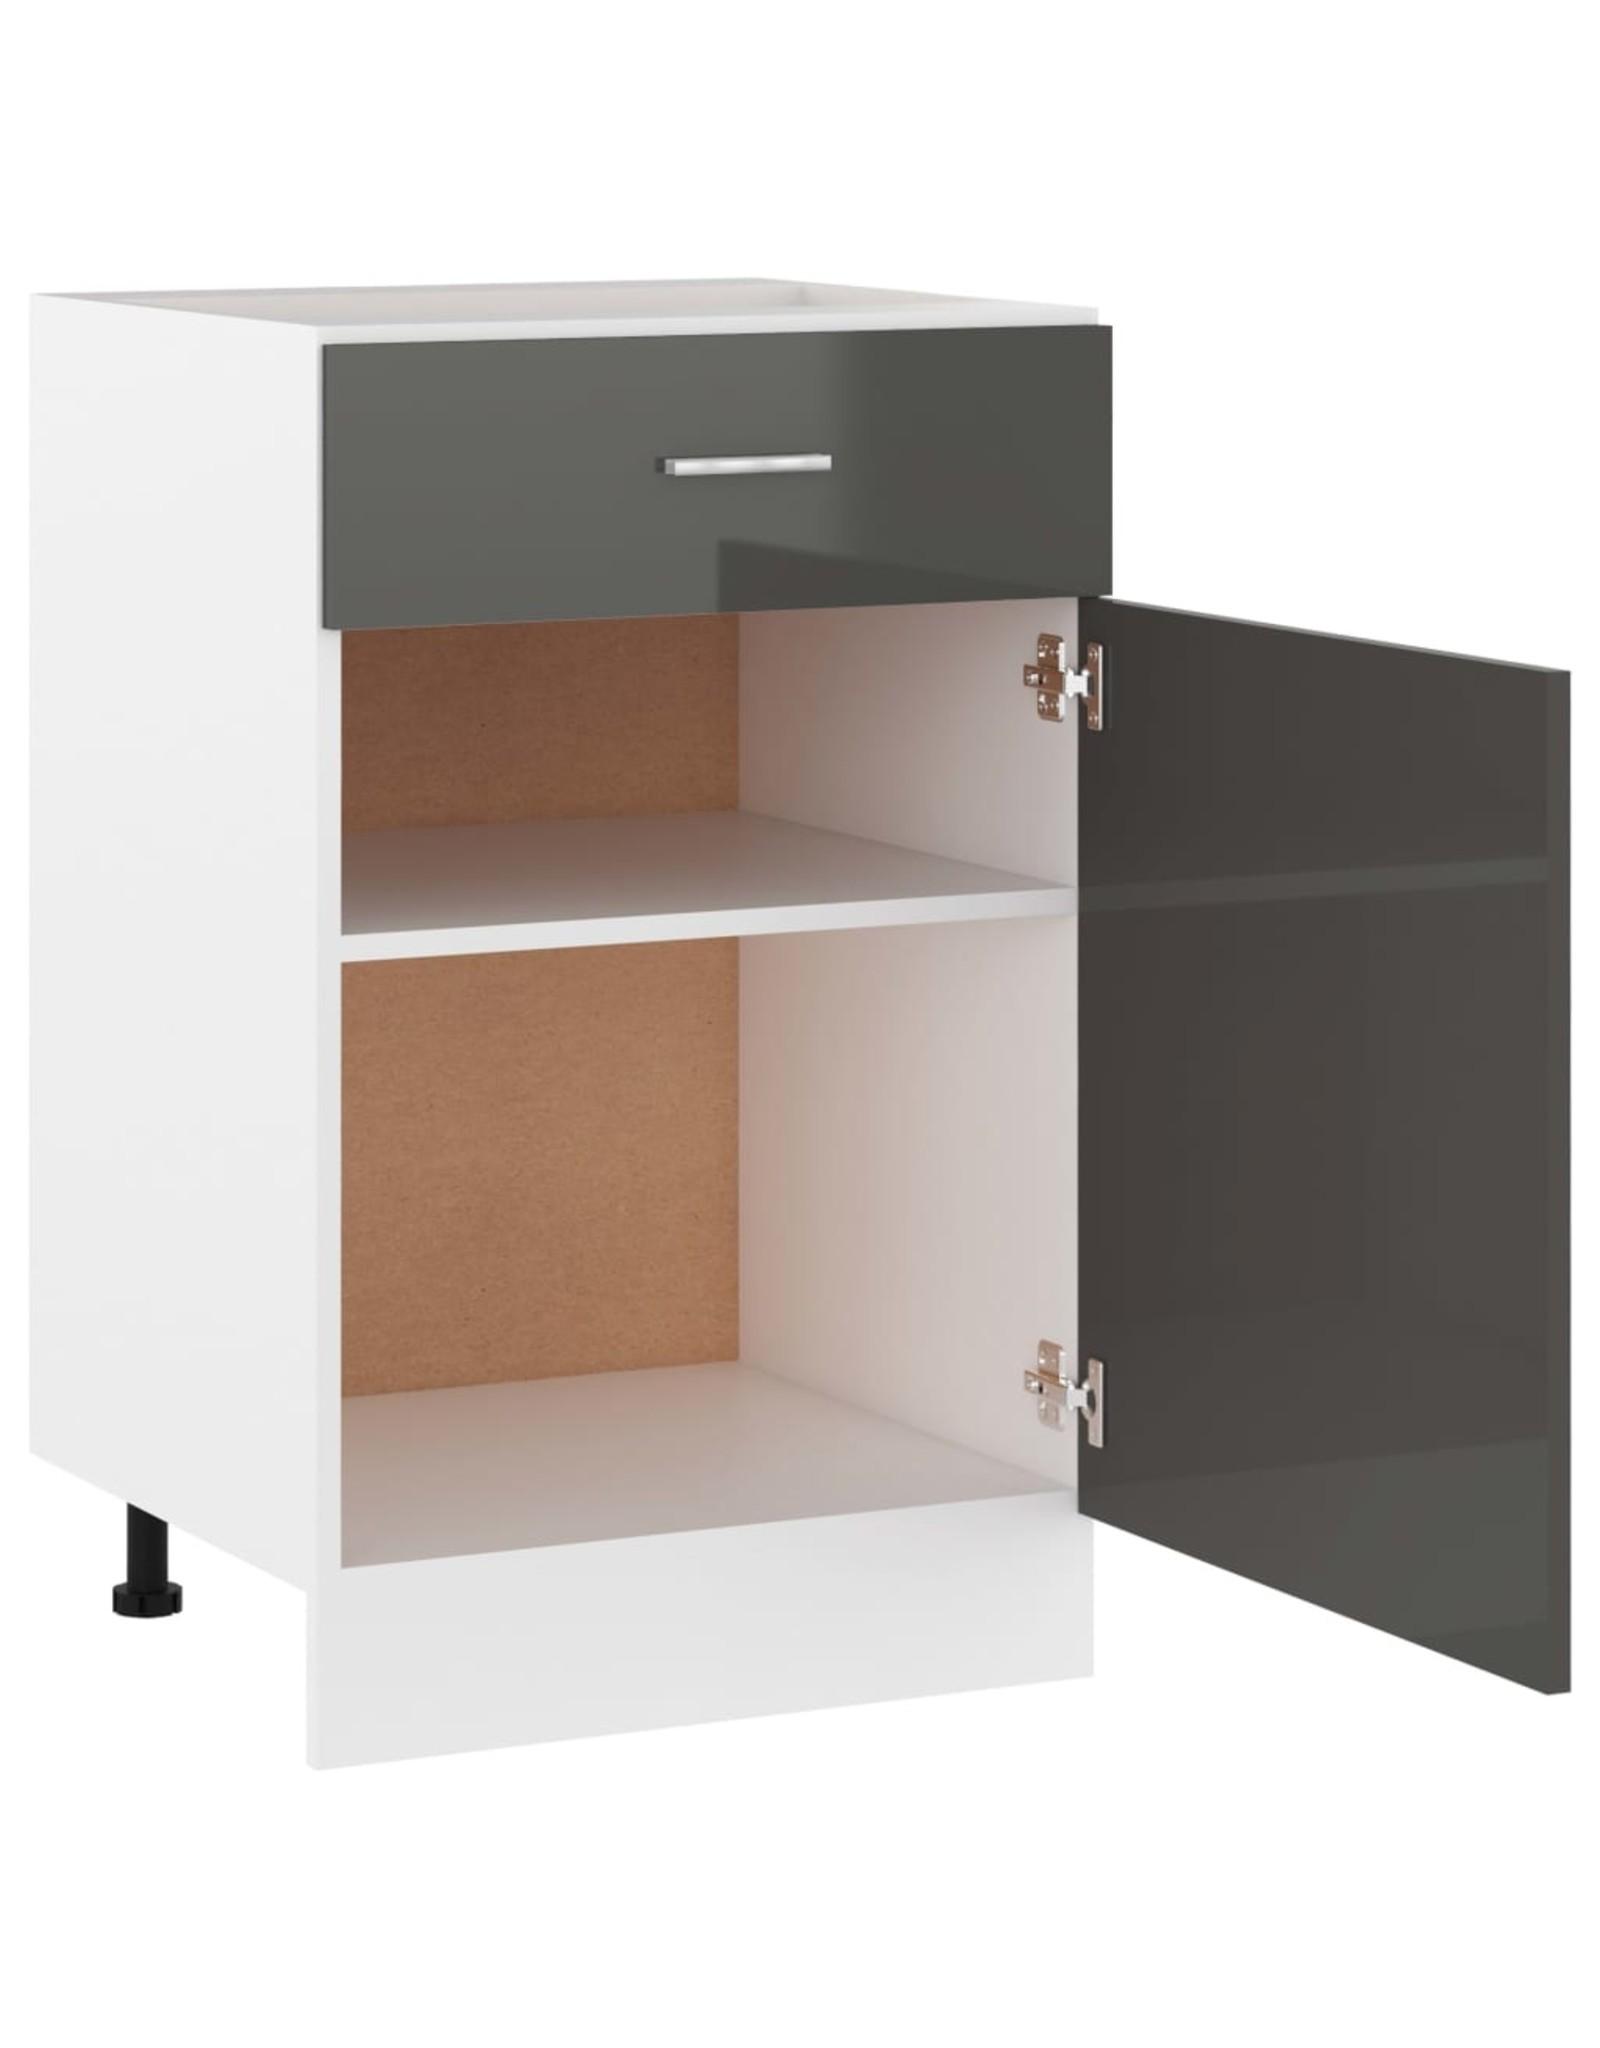 Onderkast met lade 50x46x81,5 cm spaanplaat hoogglans grijs